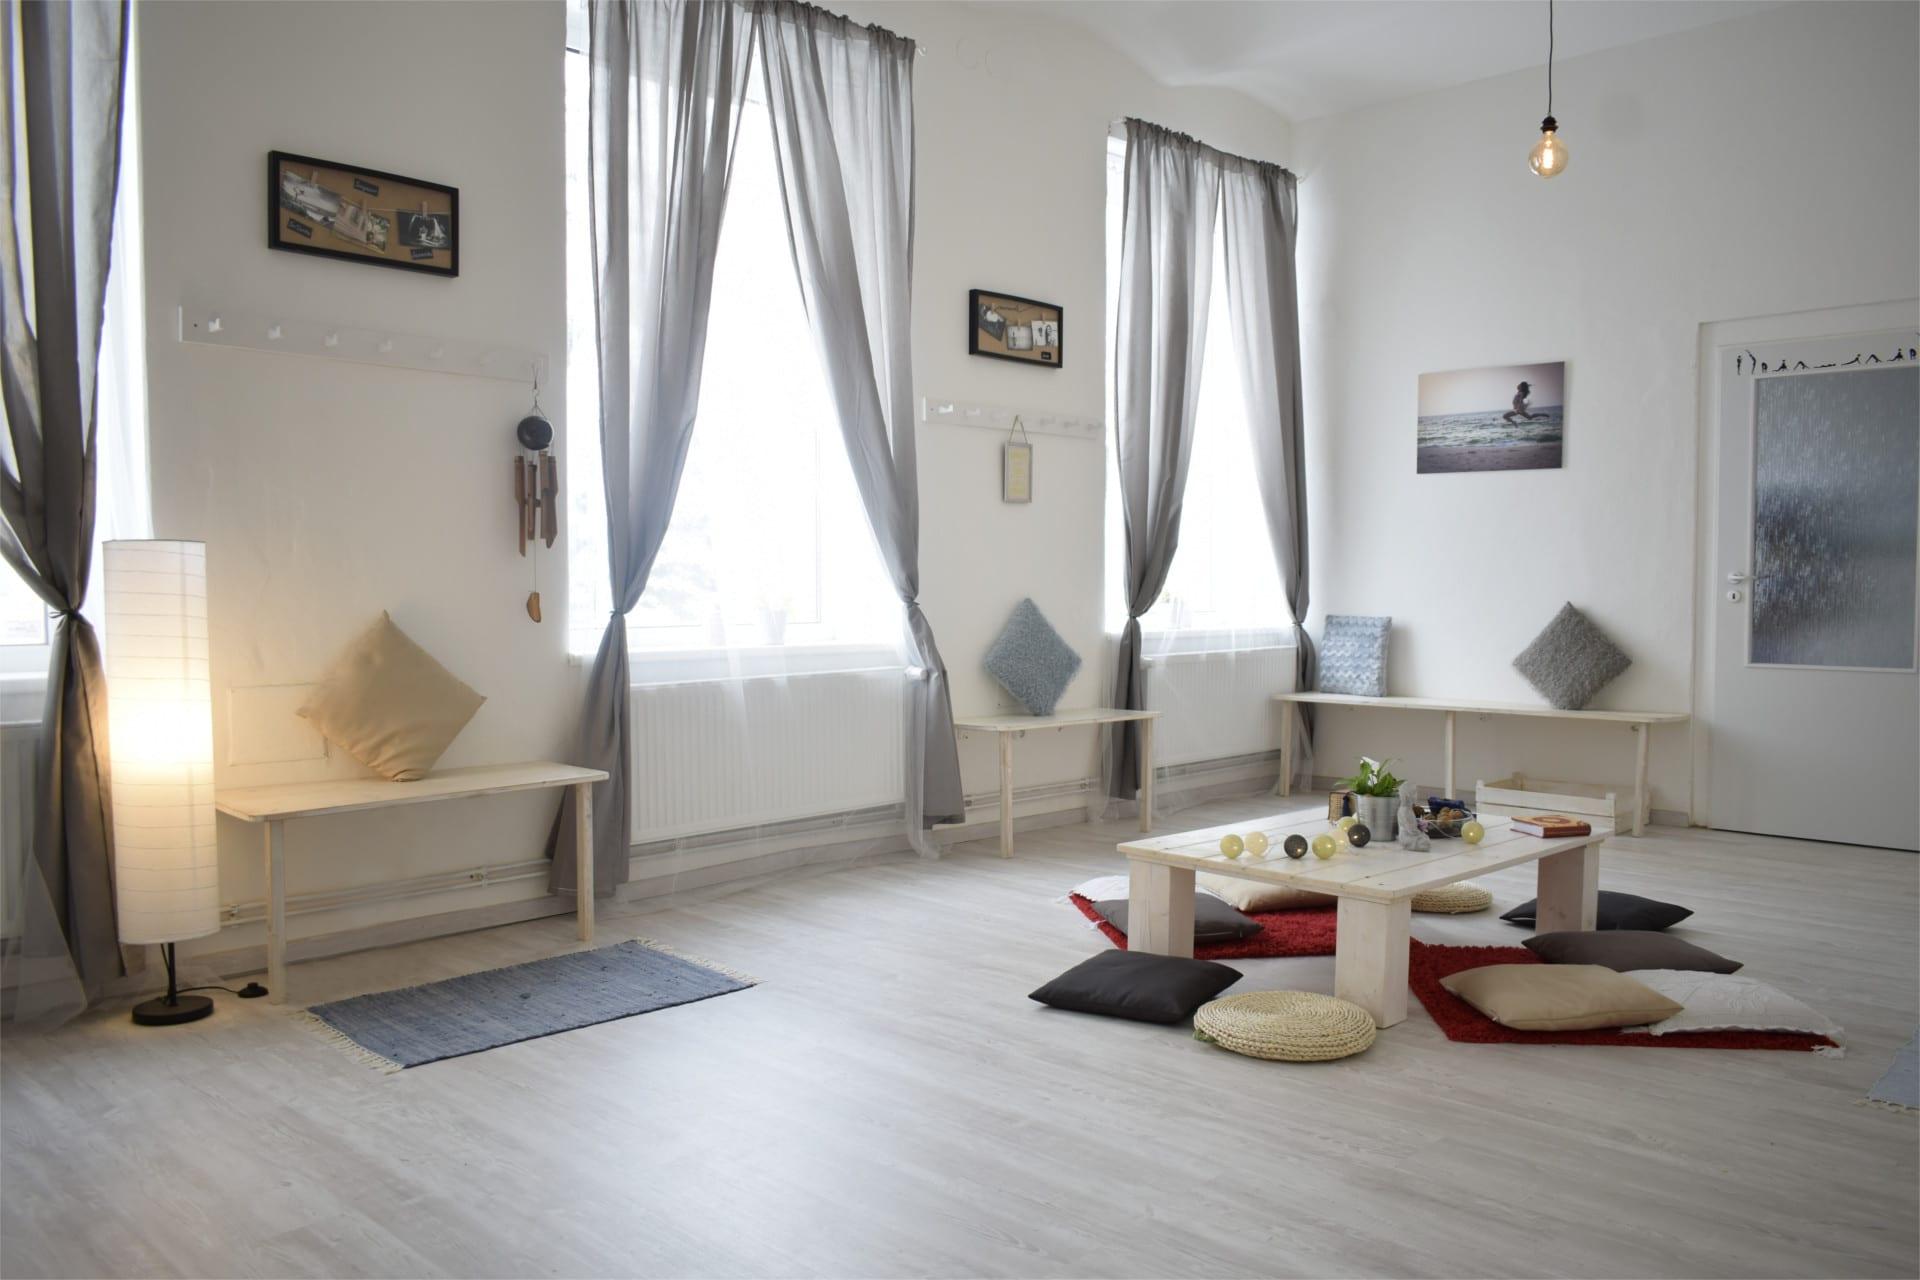 jóga Liberec , šatna v jógovém studiu v Libereci, která je zařízená a leděná do světlých barev, polštáře a dostatek světla to jsou prvky co vévodí této šatně